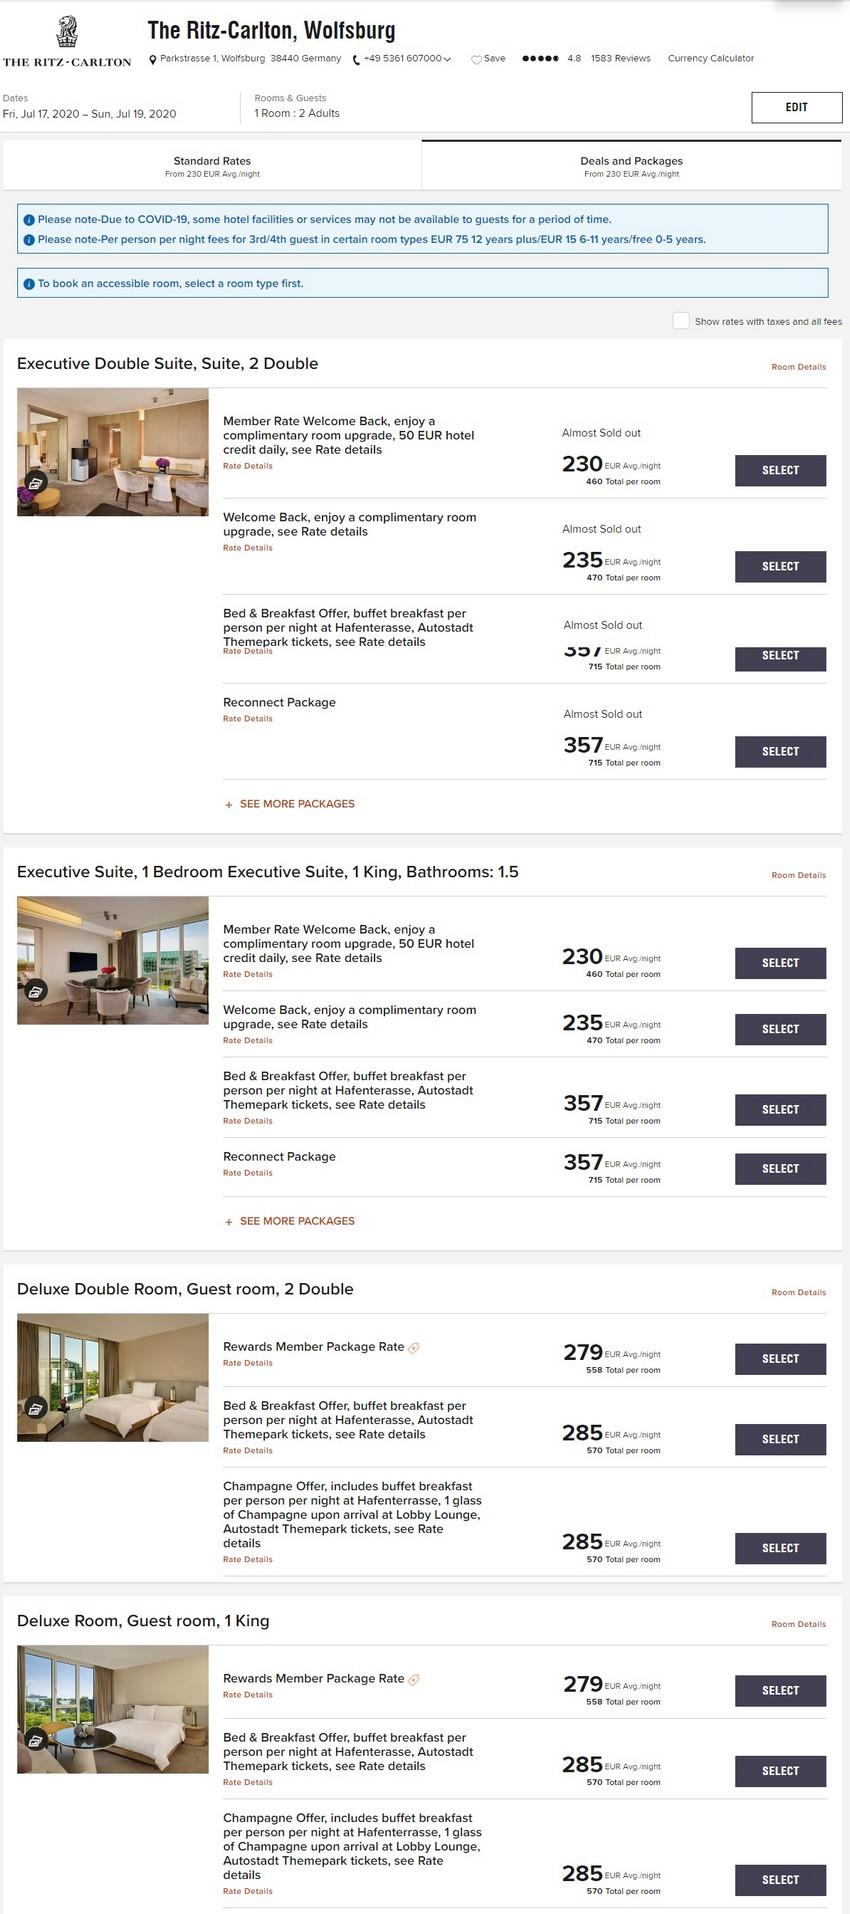 Marriott Elevate Your Stay Raten im Sommer 2020 im Ritz Carlton Wolfsburg